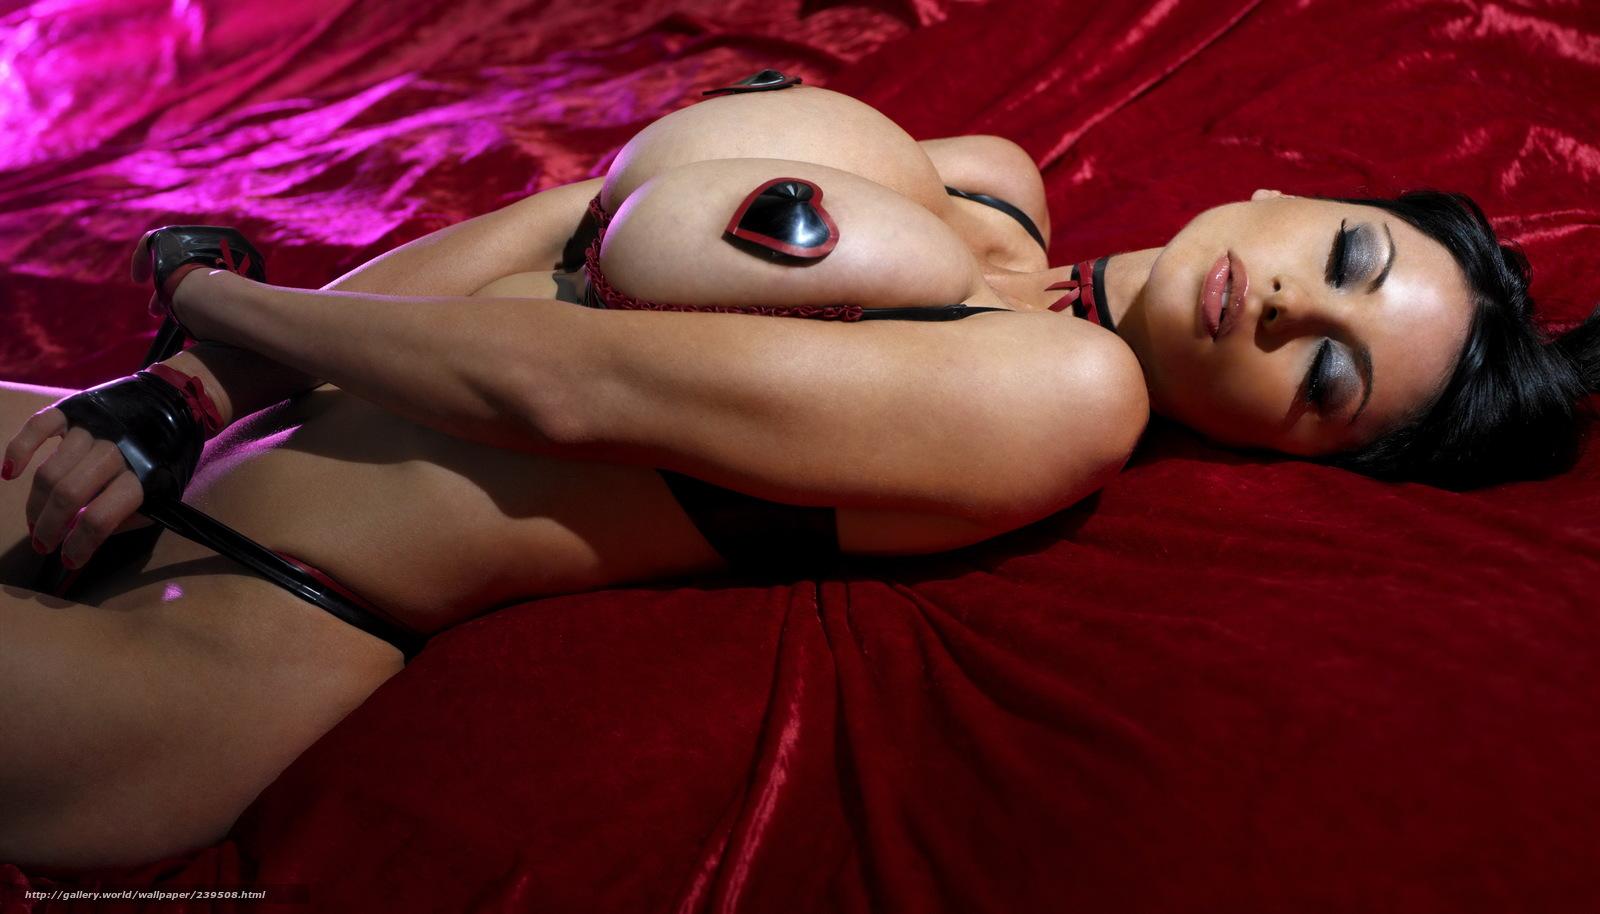 Фотографии девушекь еротични 9 фотография